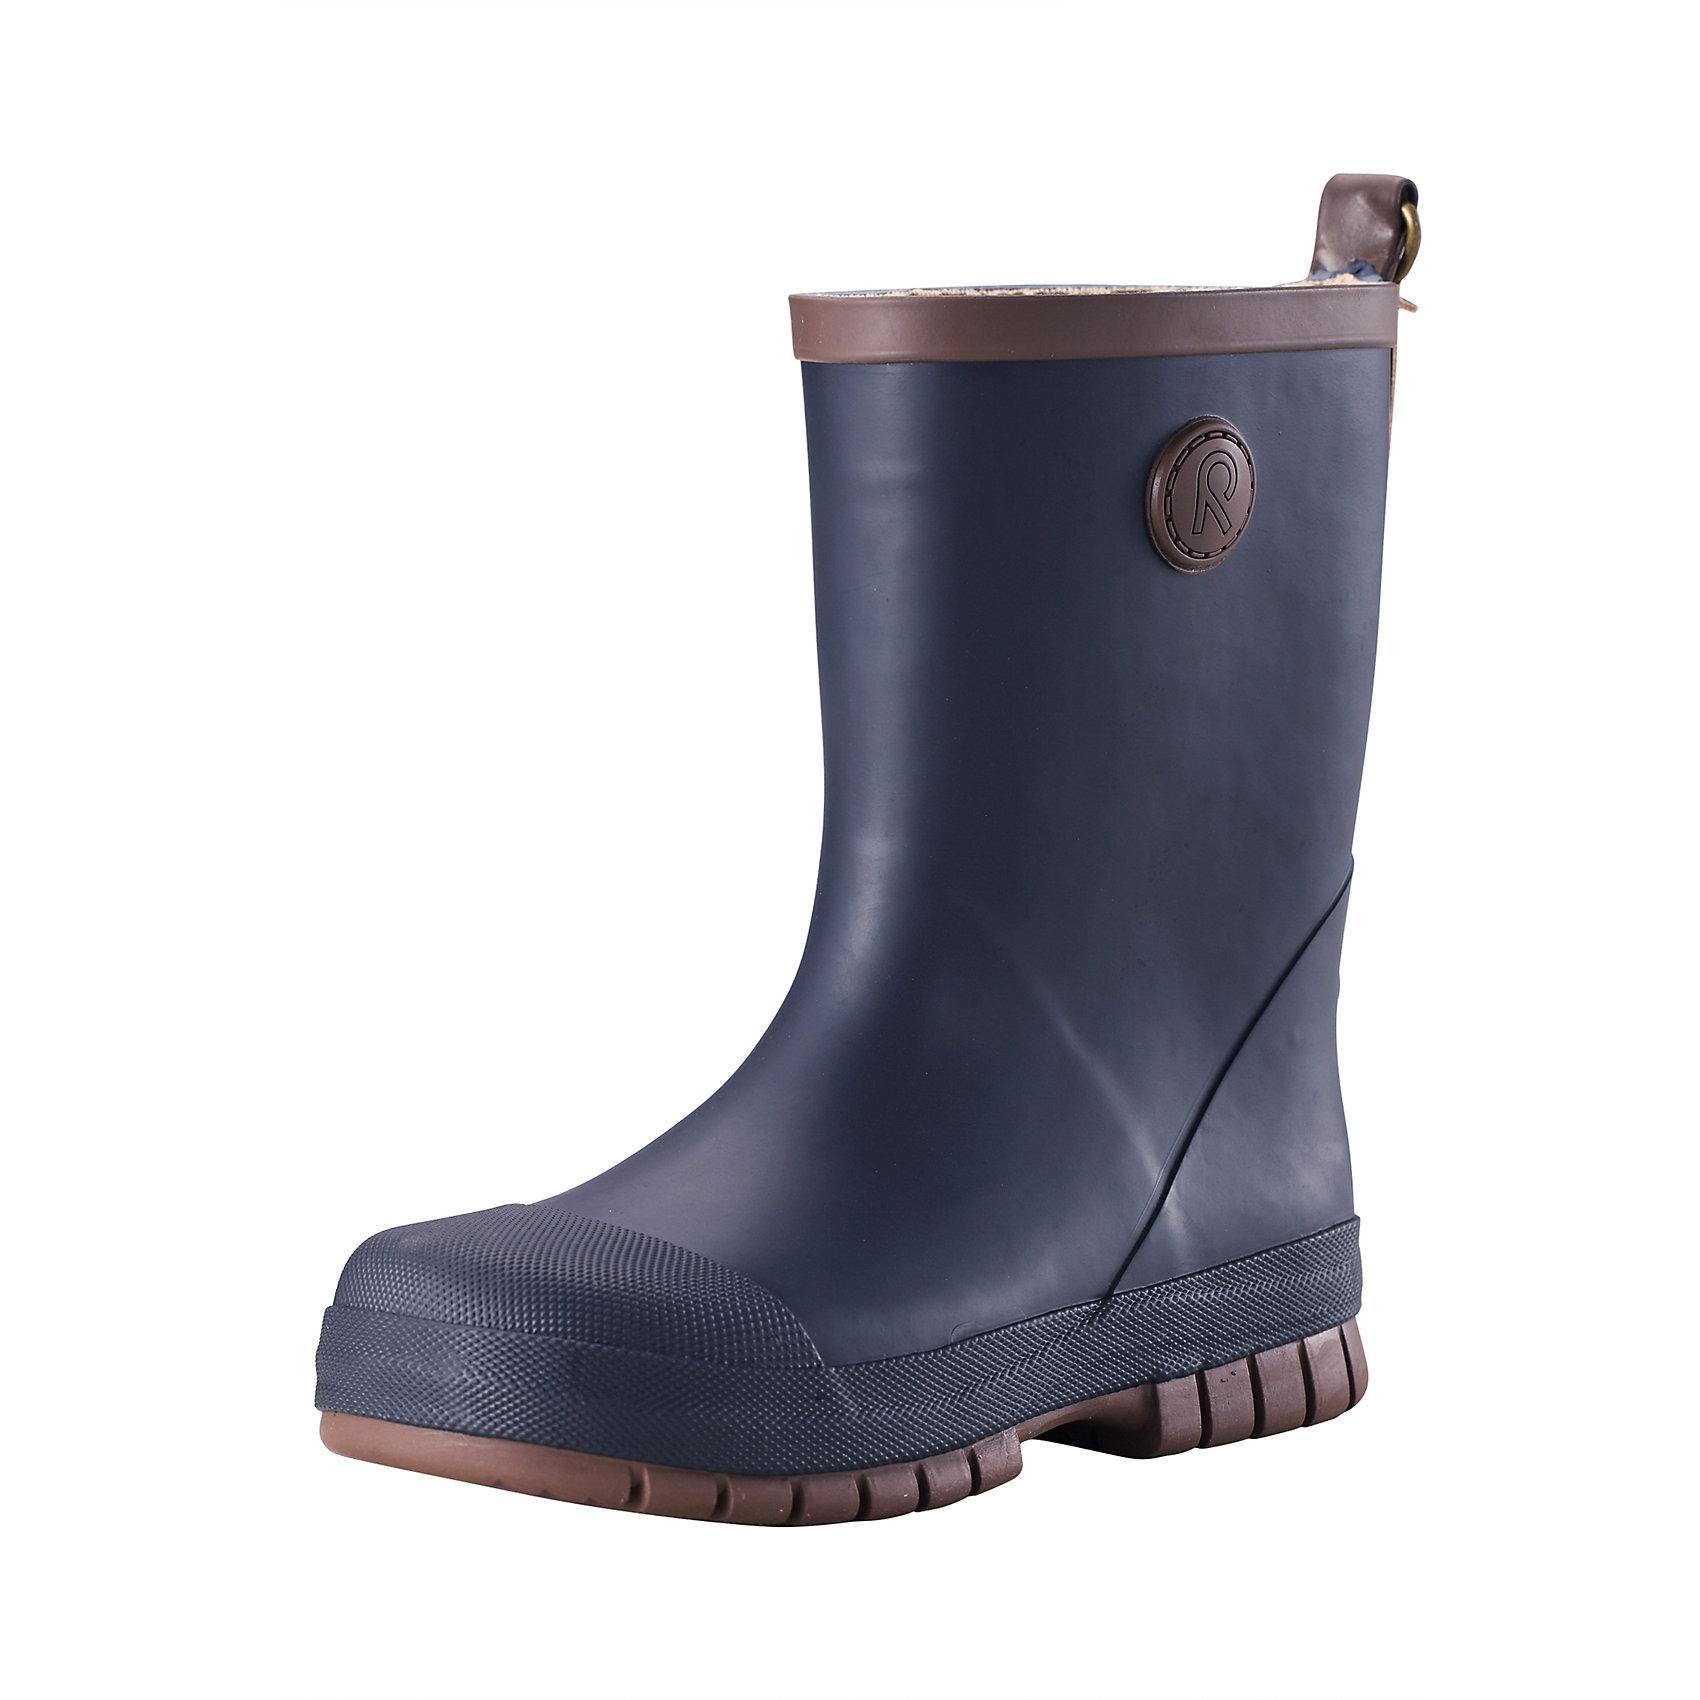 Резиновые сапоги для мальчика ReimaВеликолепные однотонные резиновые ботинки для малышей легко комбинируются с различной одеждой. Ботинки оснащены удобной хлопчатобумажной подкладкой, а съемные стельки с принтом Happy Fit помогут подобрать правильный размер. Резиновые ботинки Reima® специально разработаны для маленьких детей – высота голенища тщательно подобрана для удобства детской ножки, поэтому ботинки легко одеваются, но обеспечивают необходимую защиту. Штрипки брюк или комбинезона будут оставаться неподвижными и расположатся как раз перед каблуком благодаря канавке на подошве. Резиновая подошва гарантирует хорошее сцепление на любой поверхности. Обратите внимание на рефлектор на задней части для дополнительной безопасности.<br><br>Дополнительная информация:<br><br>Резиновые сапоги для детей<br>Основной материал на 40 % состоит из натурального каучука, не содержит поливинилхлорида<br>Хлопчатобумажная подкладка<br>Съемные стельки с рисунком Happy Fit, которые помогают определить размер<br>Отражатель на заднике<br>Состав:<br>Подошва: резина, Верх: резина<br>Уход:<br>После использования резиновые сапоги следует почистить. Храните сапоги в темном прохладном месте: выпрямив их голенища.<br><br>Ширина мм: 237<br>Глубина мм: 180<br>Высота мм: 152<br>Вес г: 438<br>Цвет: синий<br>Возраст от месяцев: 72<br>Возраст до месяцев: 84<br>Пол: Мужской<br>Возраст: Детский<br>Размер: 30,34,38,36,35,25,27,28,33,37,32,31,29,26<br>SKU: 4498416